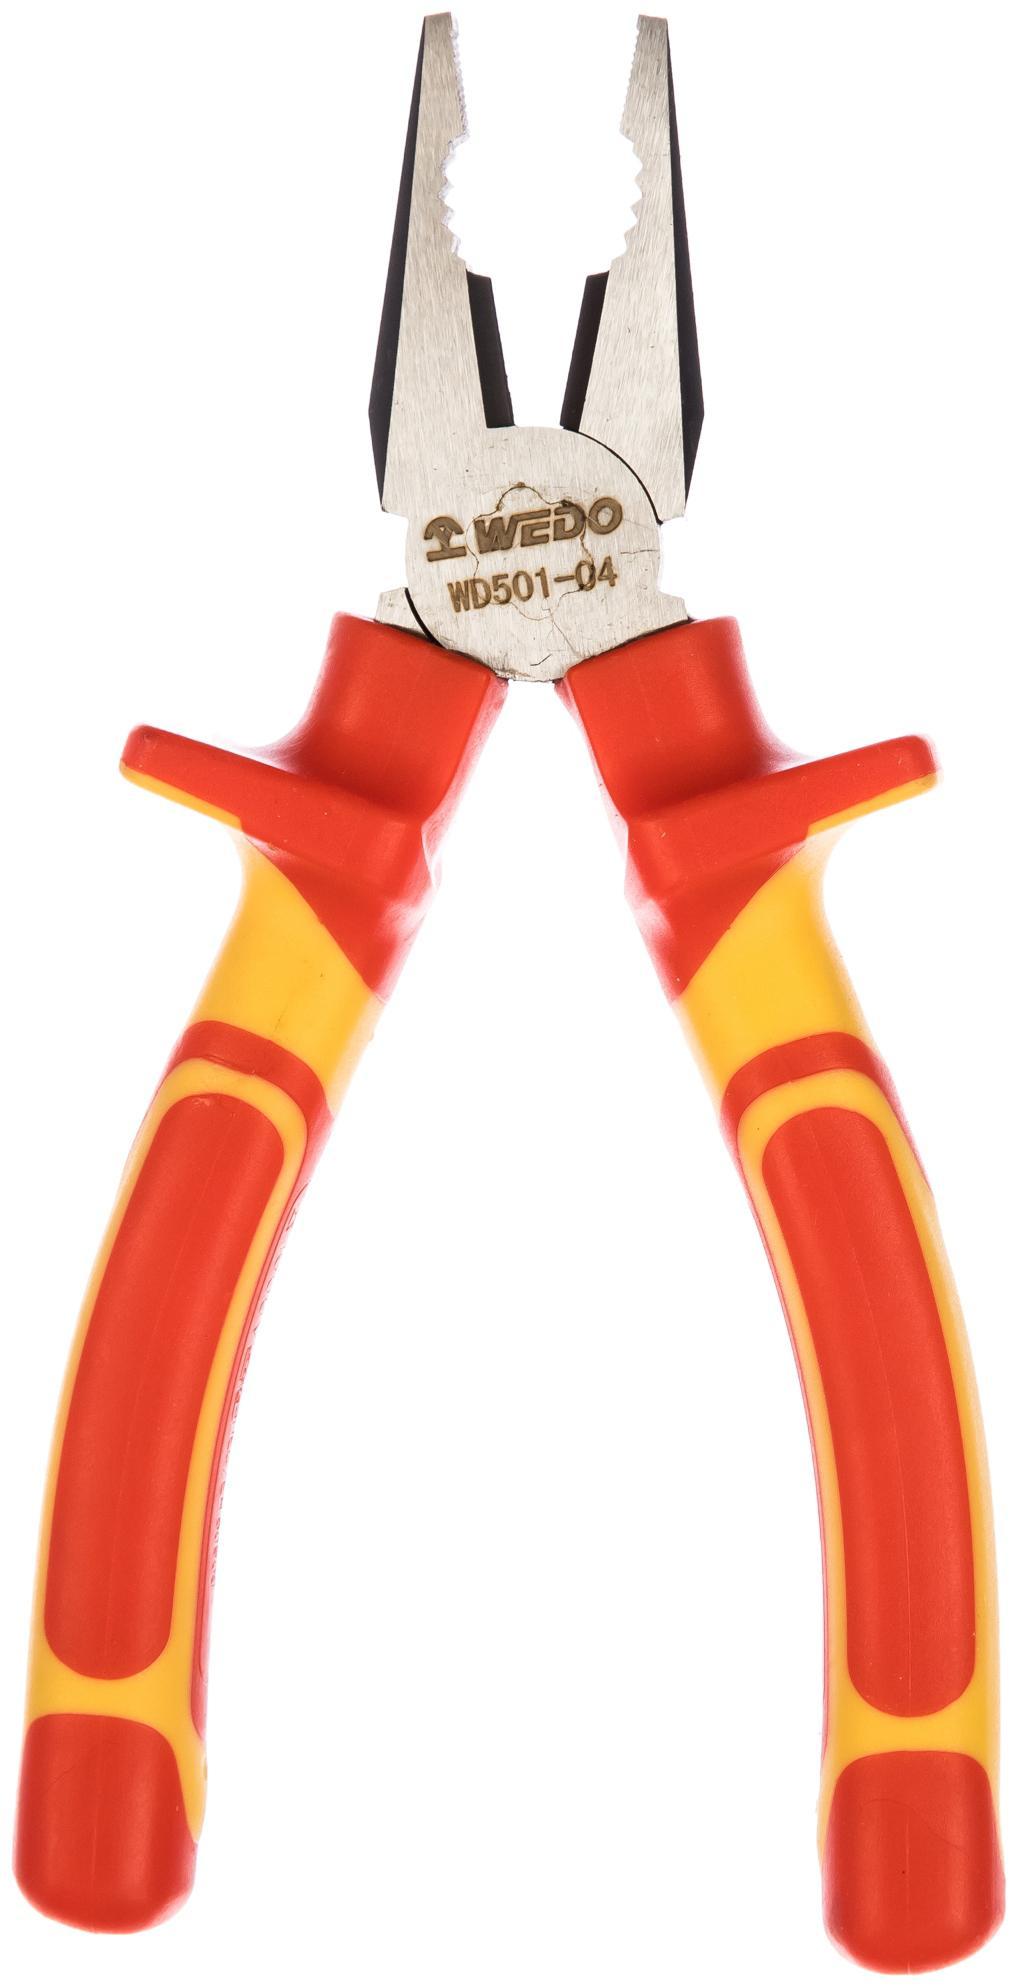 Плоскогубцы Wedo Wd501-04 плоскогубцы диэлектрические truper t200 8x 12350